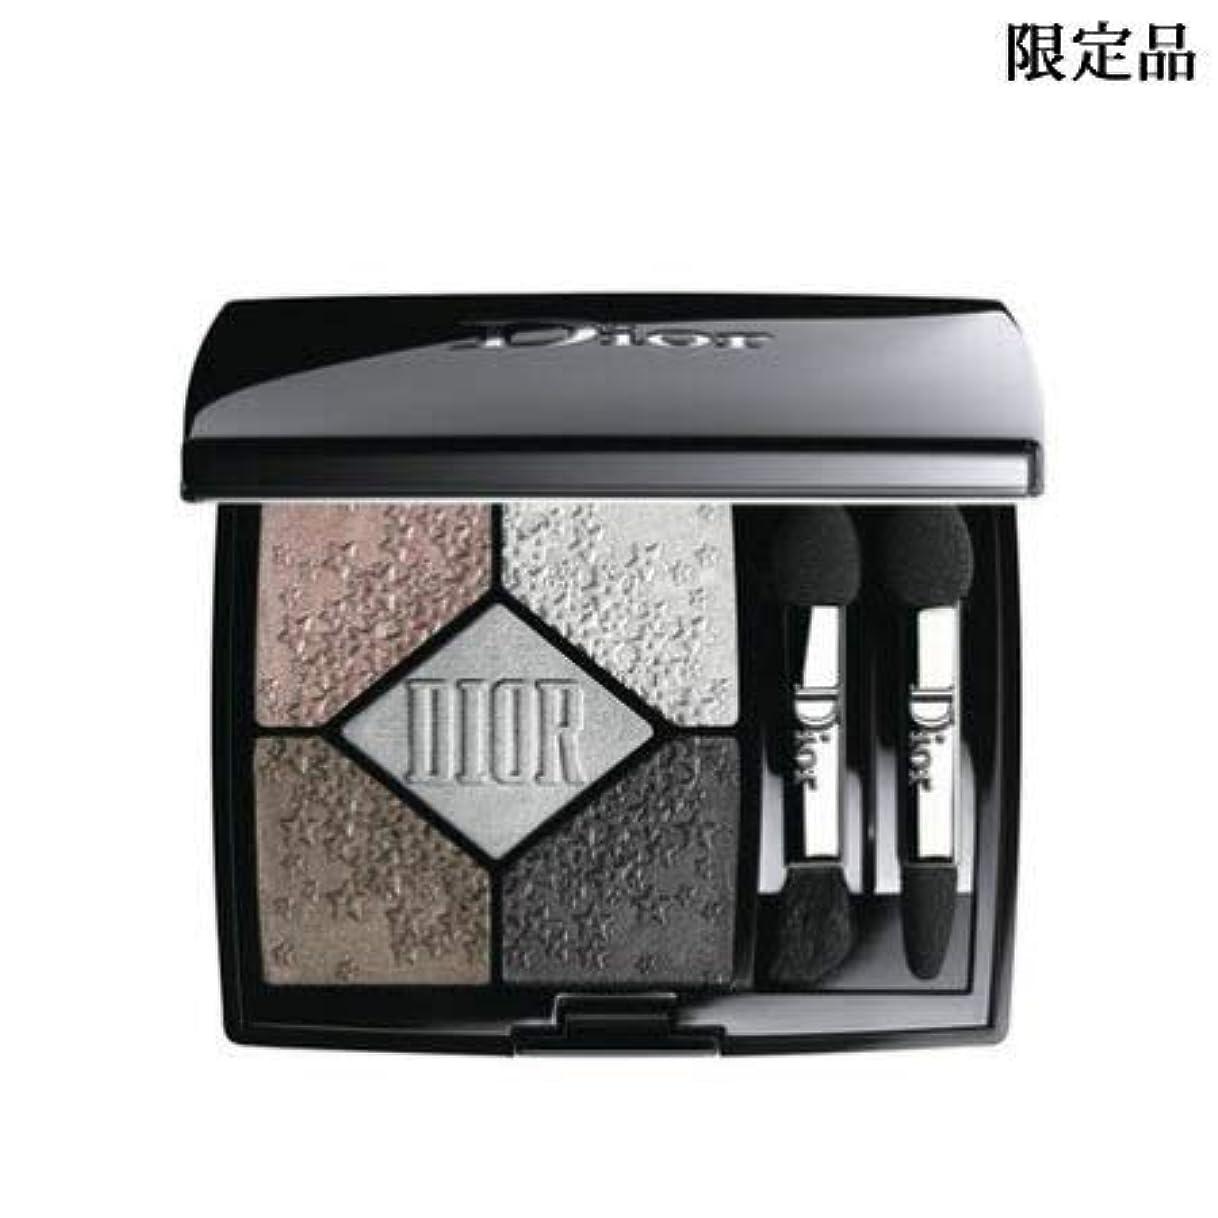 スキャンダラス活性化する誤ってディオール サンク クルール #057 ムーンライト 限定色 -Dior-